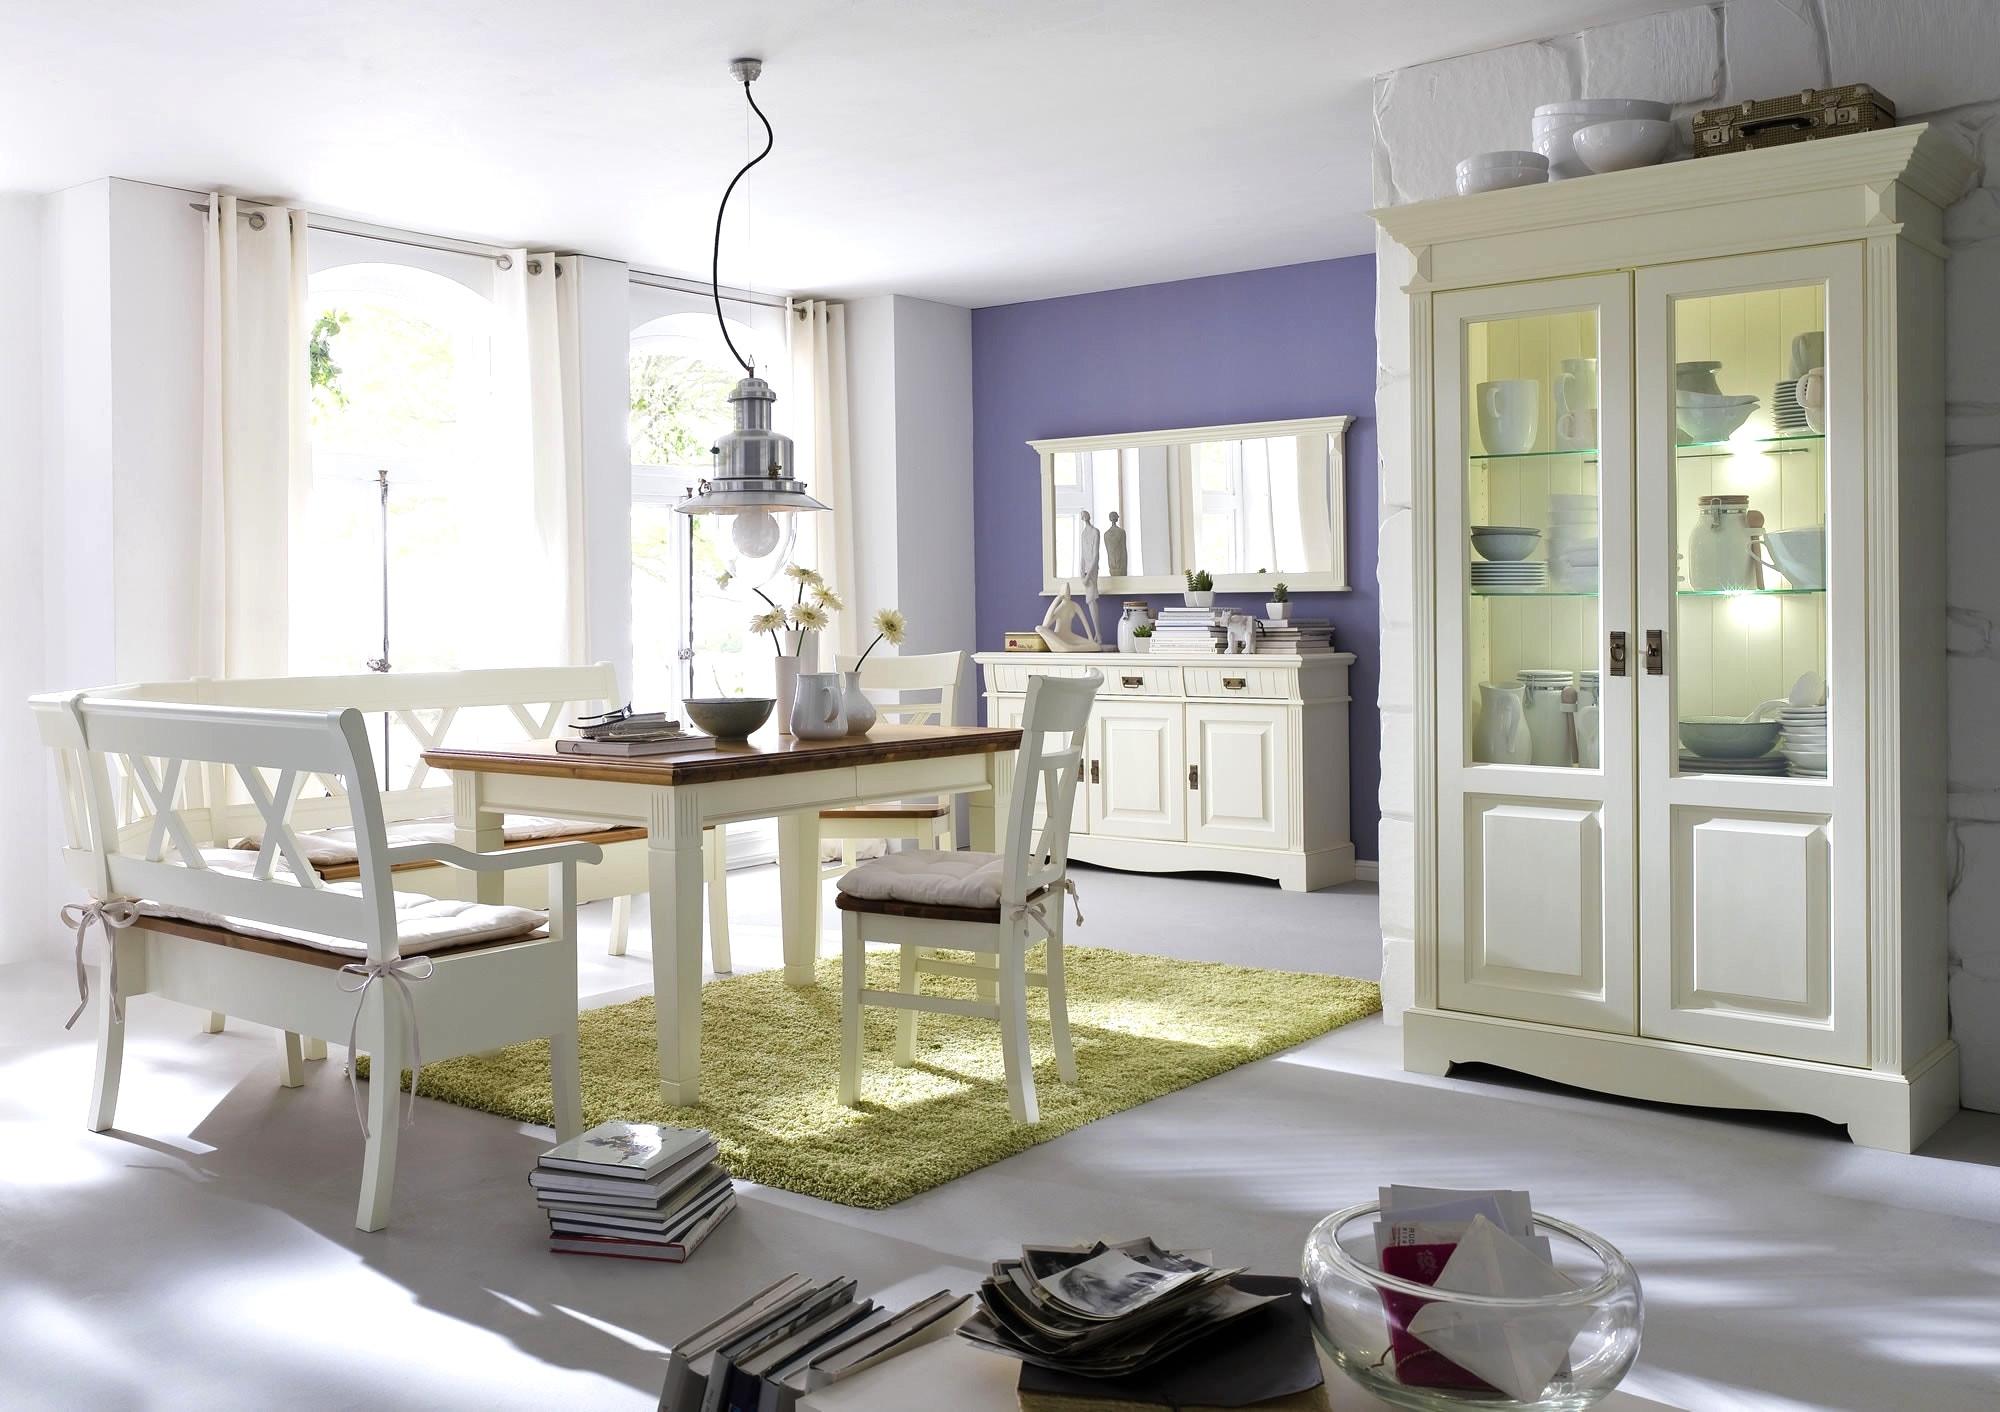 Wandgestaltung Esszimmer Küche Beige Braun Ausgezeichnet On Beabsichtigt Kuche Planen 4